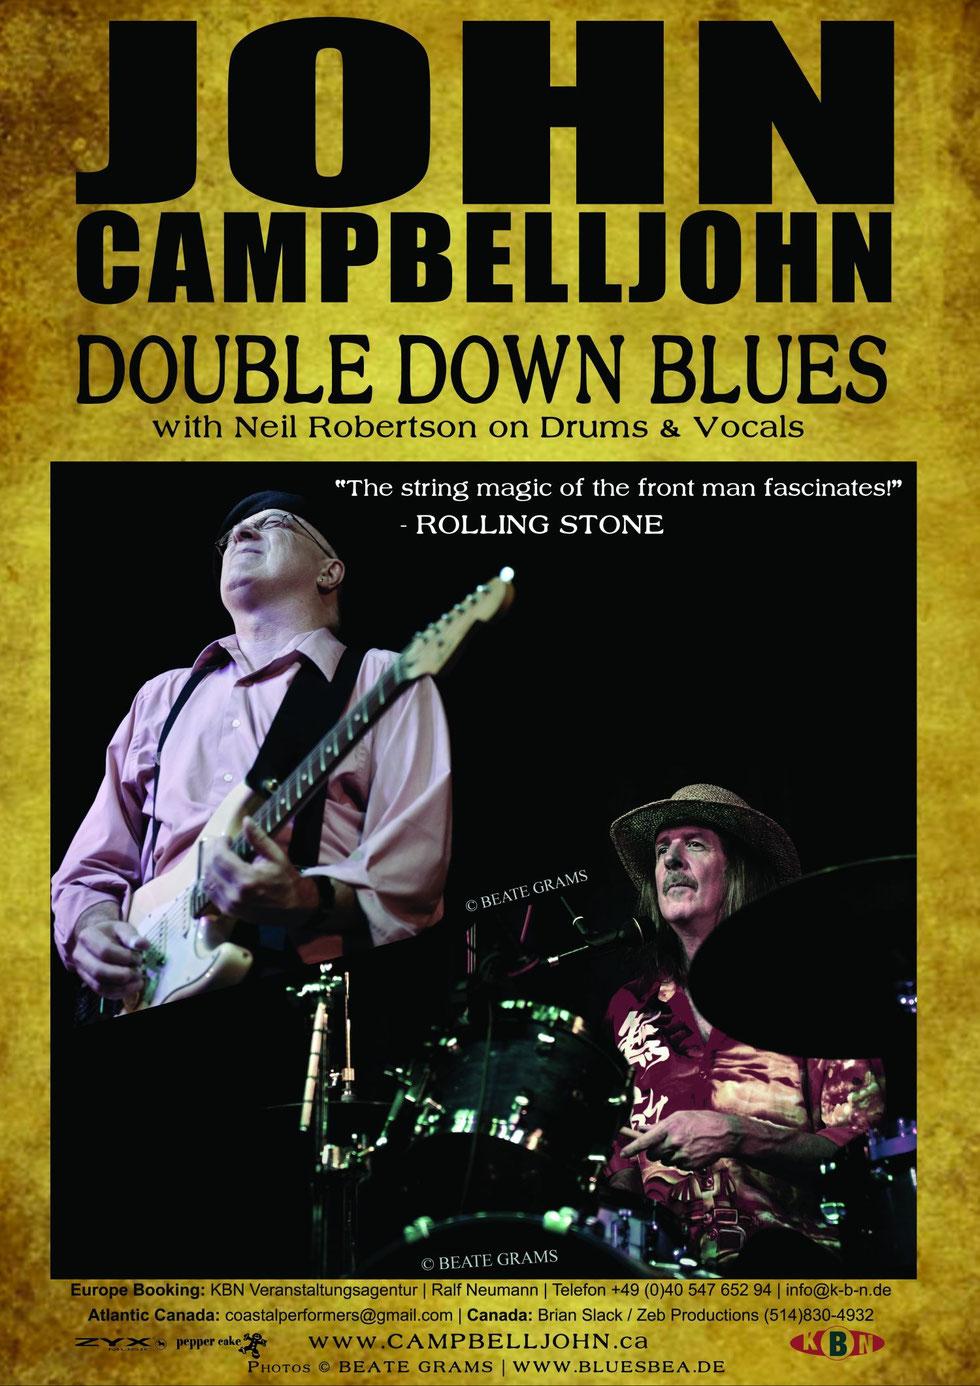 John Campbelljohn Double Down Blues